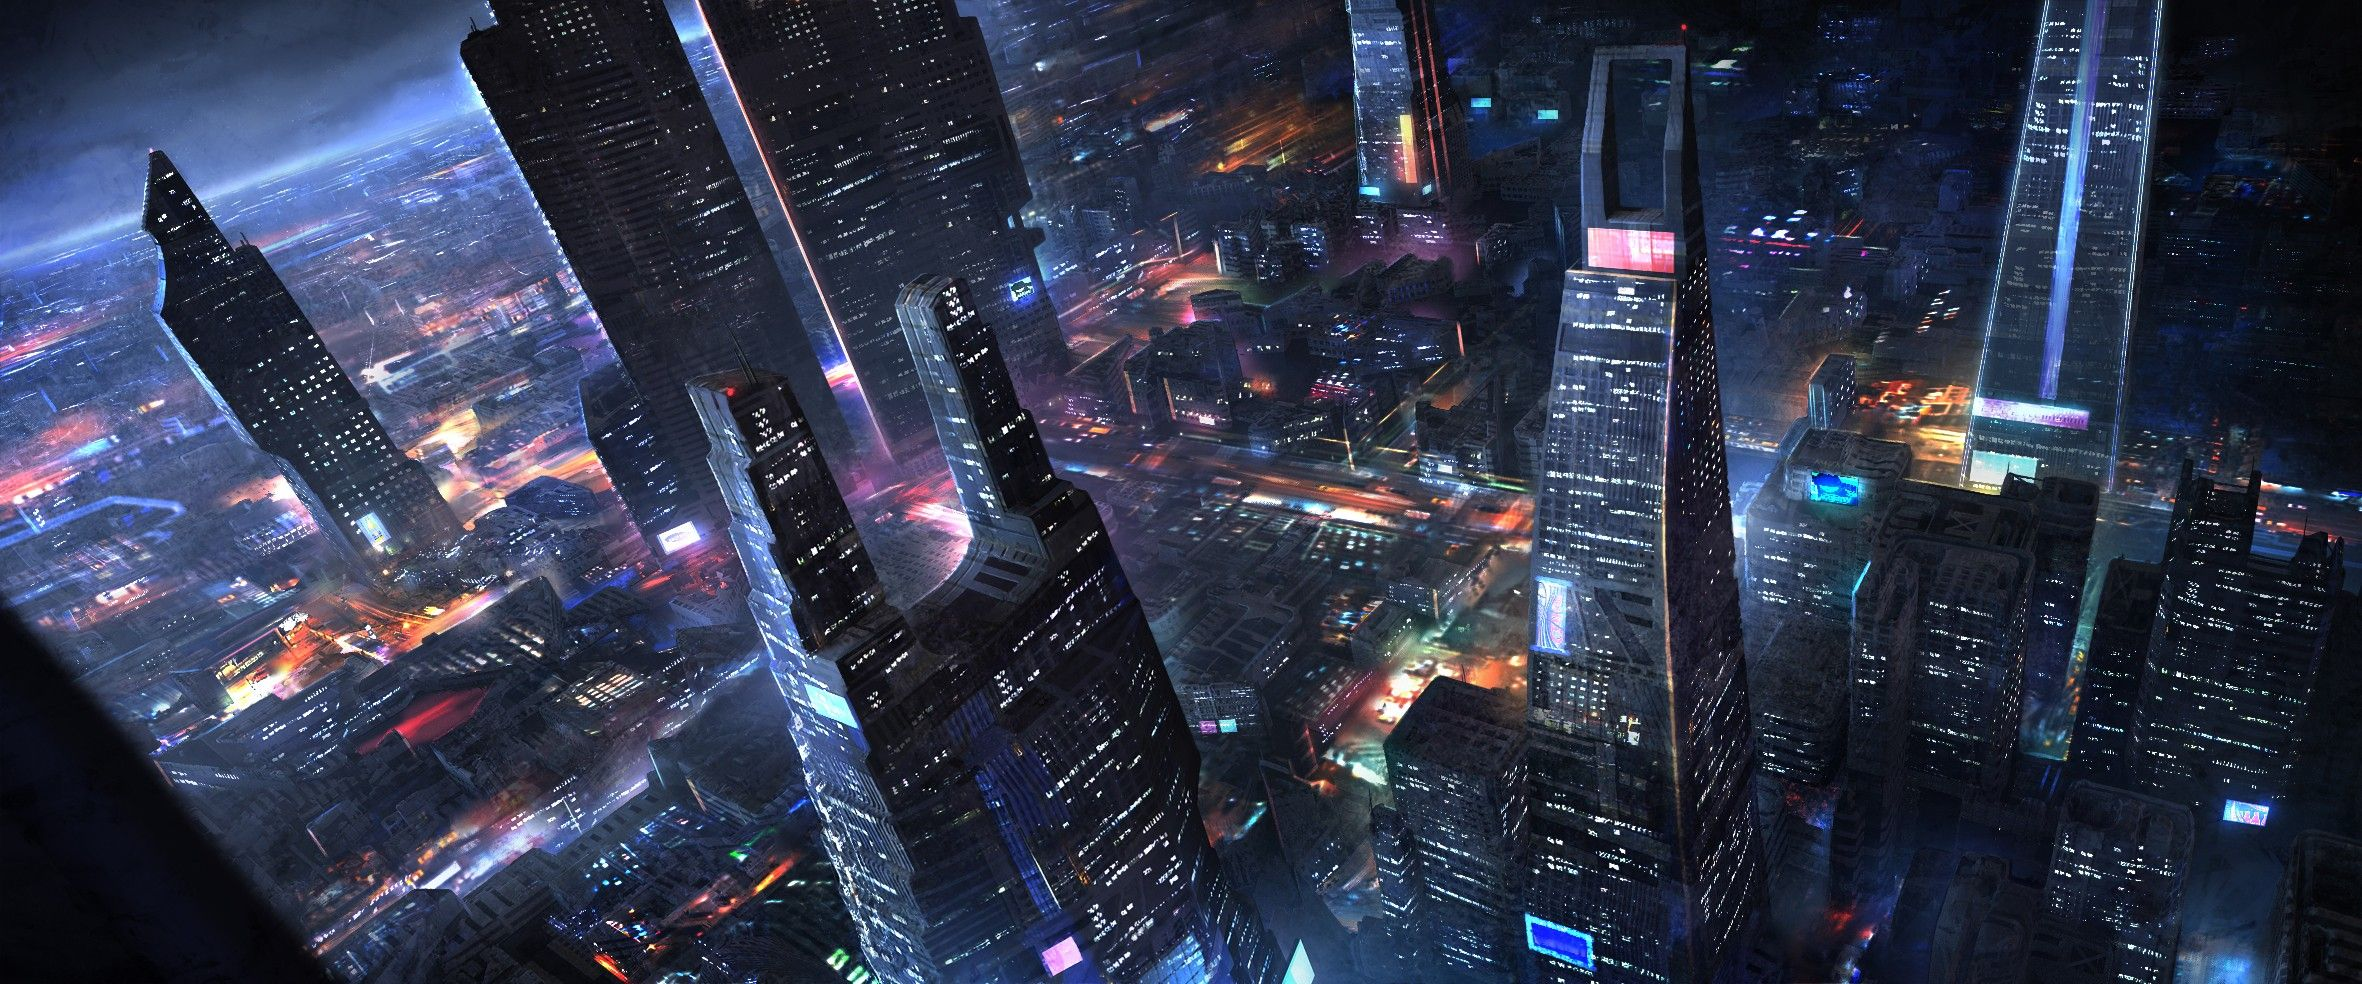 Science Fiction Futuristic City Artwork Wallpaper Ciudad Futurista Ilustracion De Paisaje Futurista